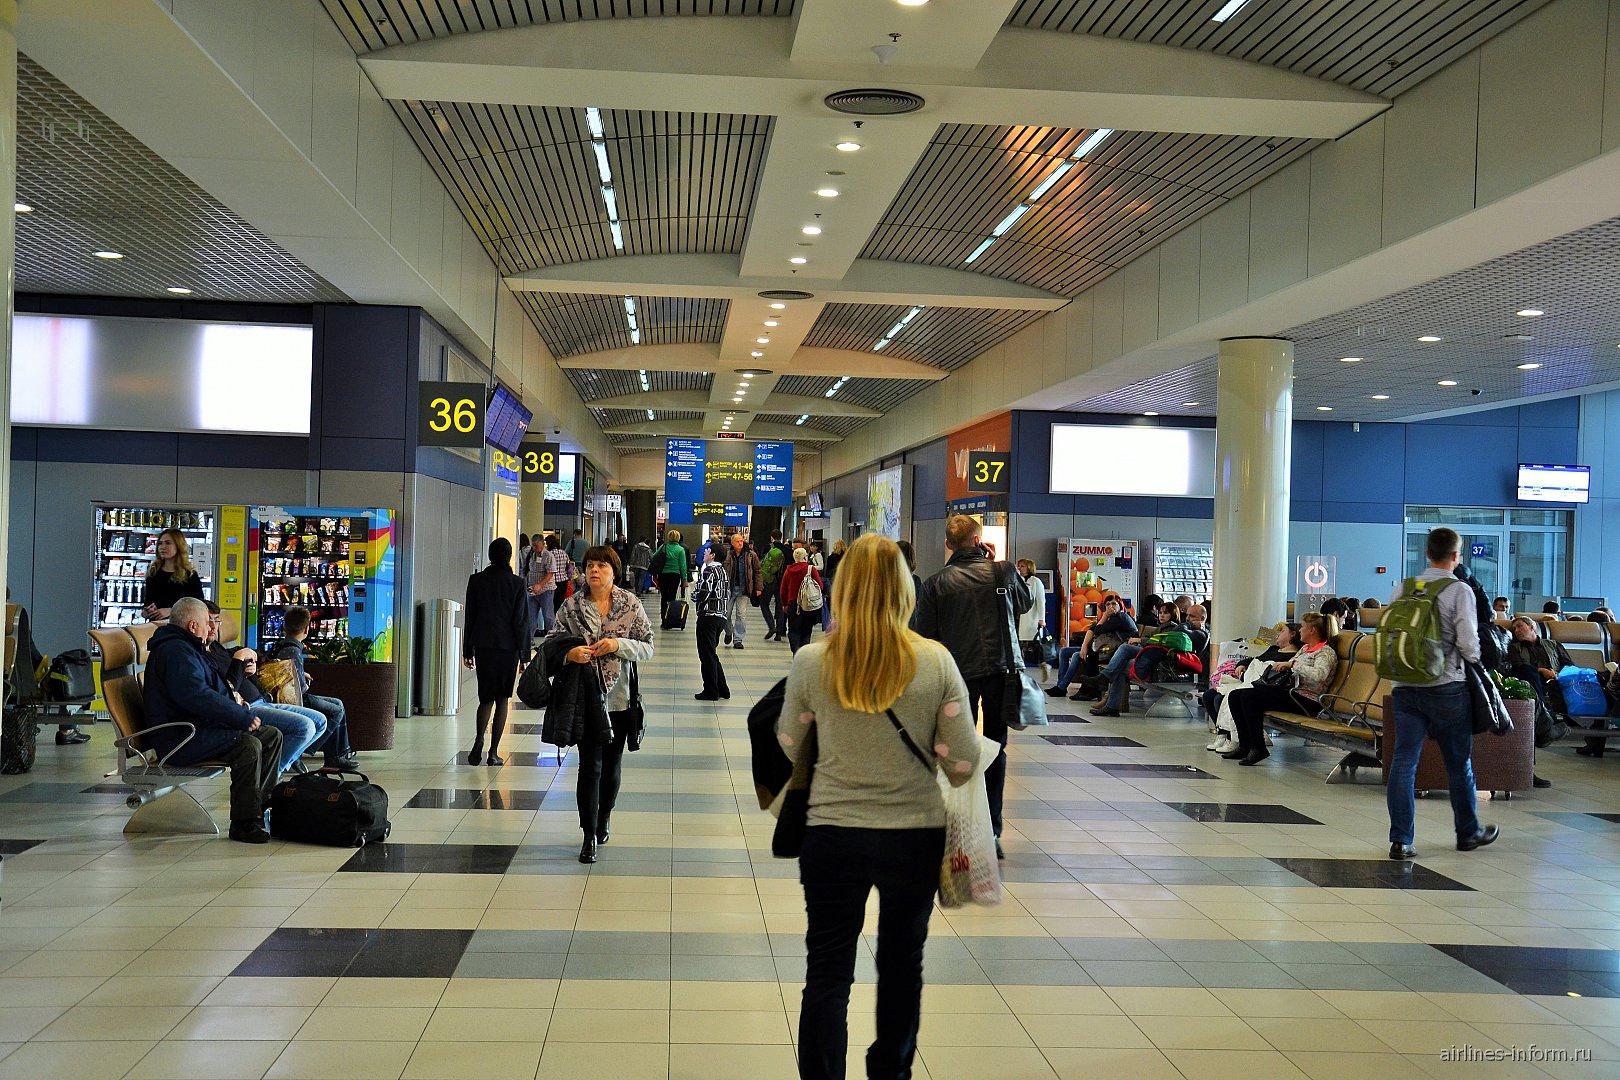 Галерея вылетов внутренних рейсов в аэропорту Домодедово